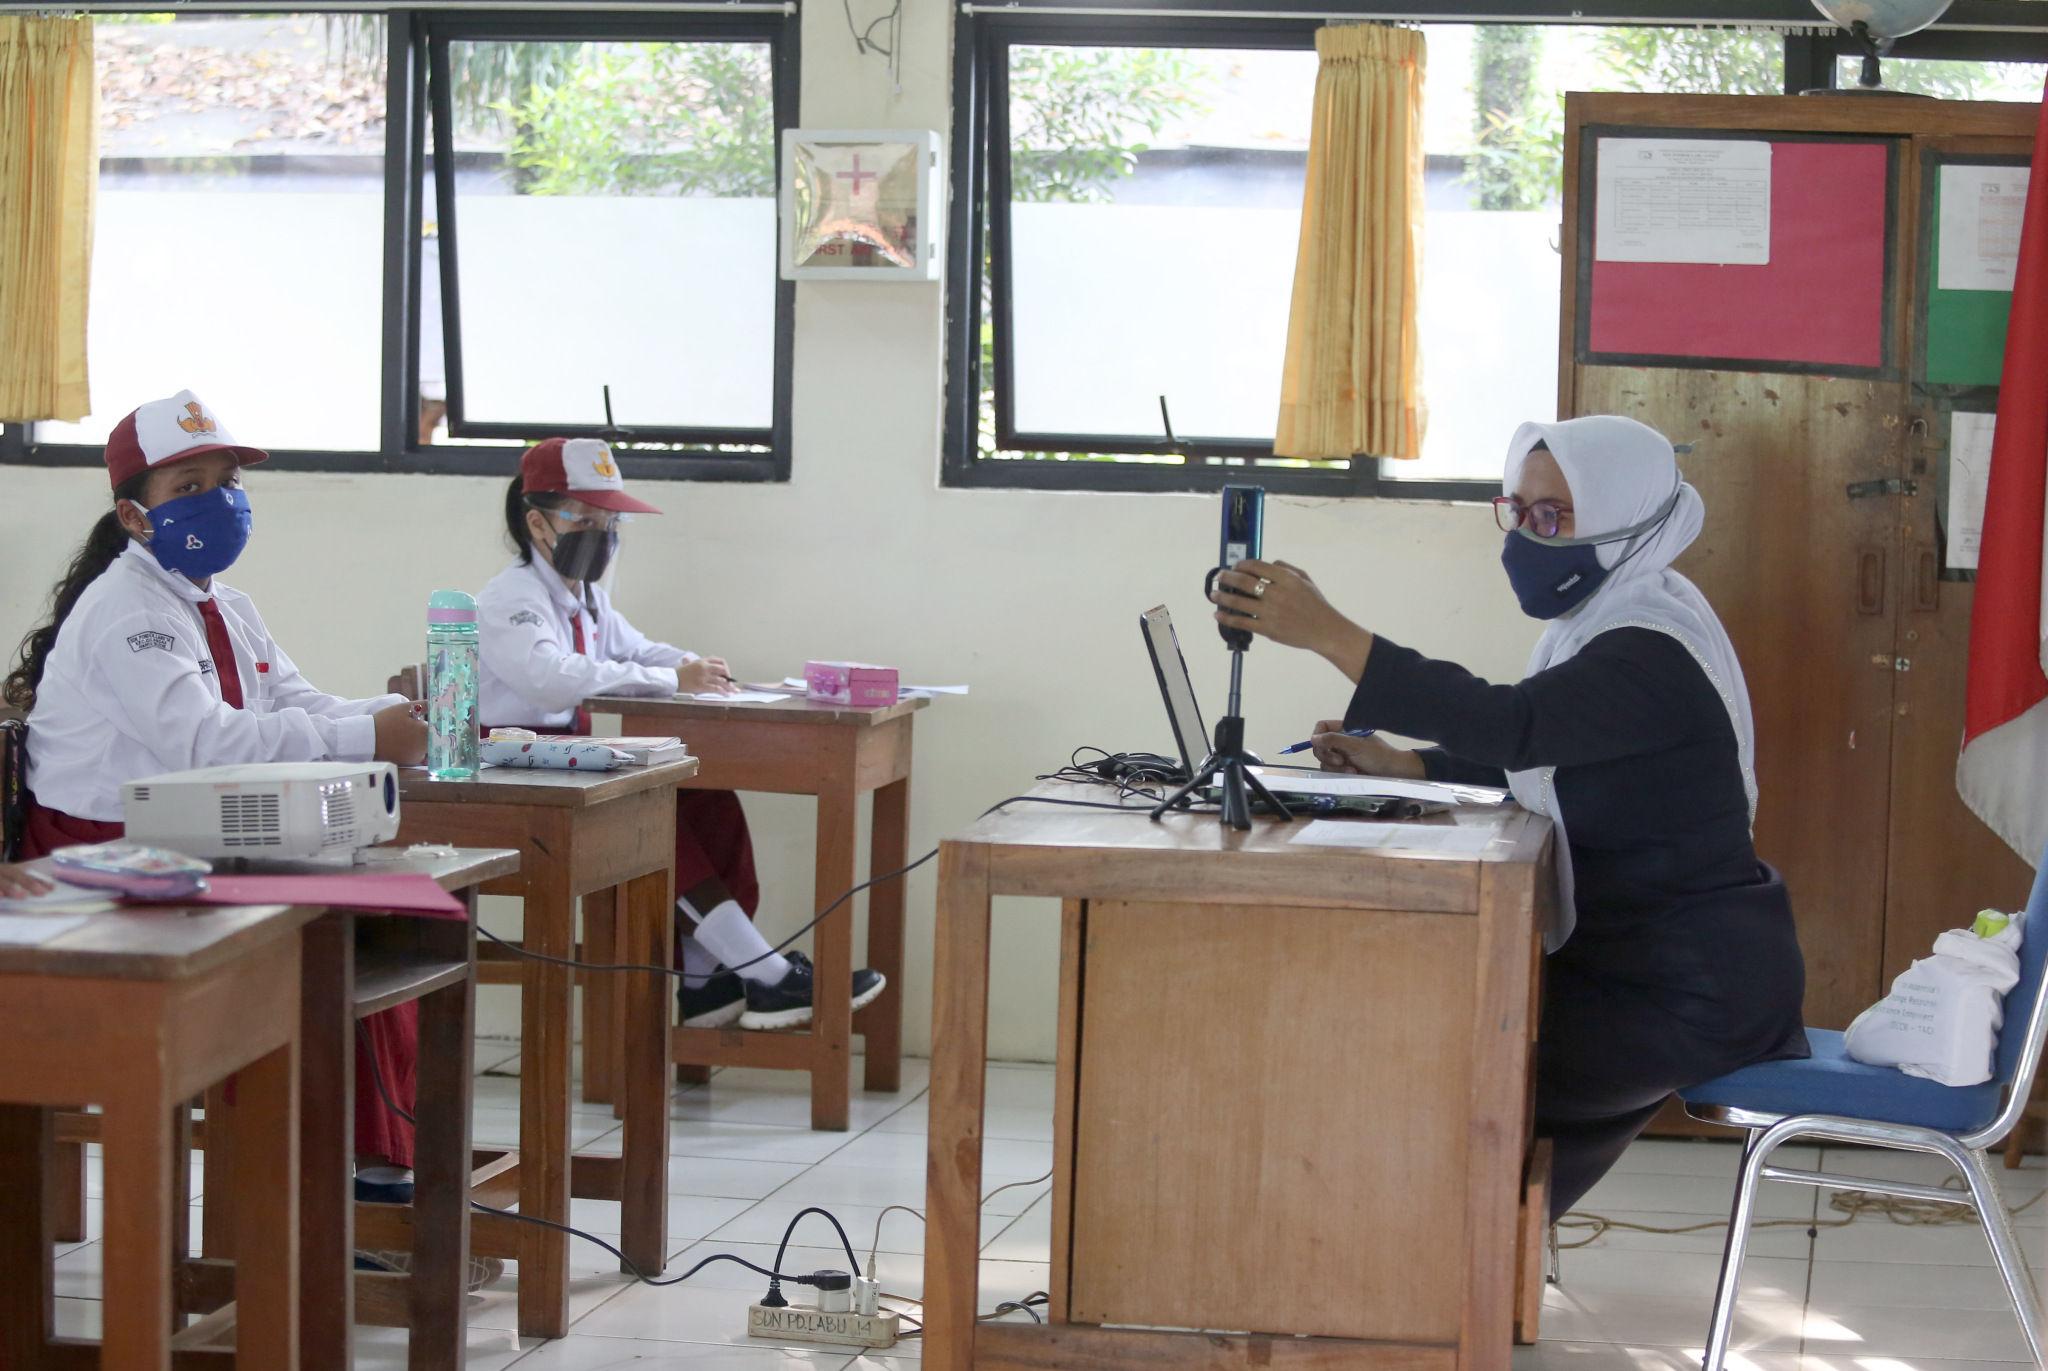 Gandeng BenQ Indonesia, Pintek Latih UKM Pendidikan Siapkan Pembelajaran Hybrid